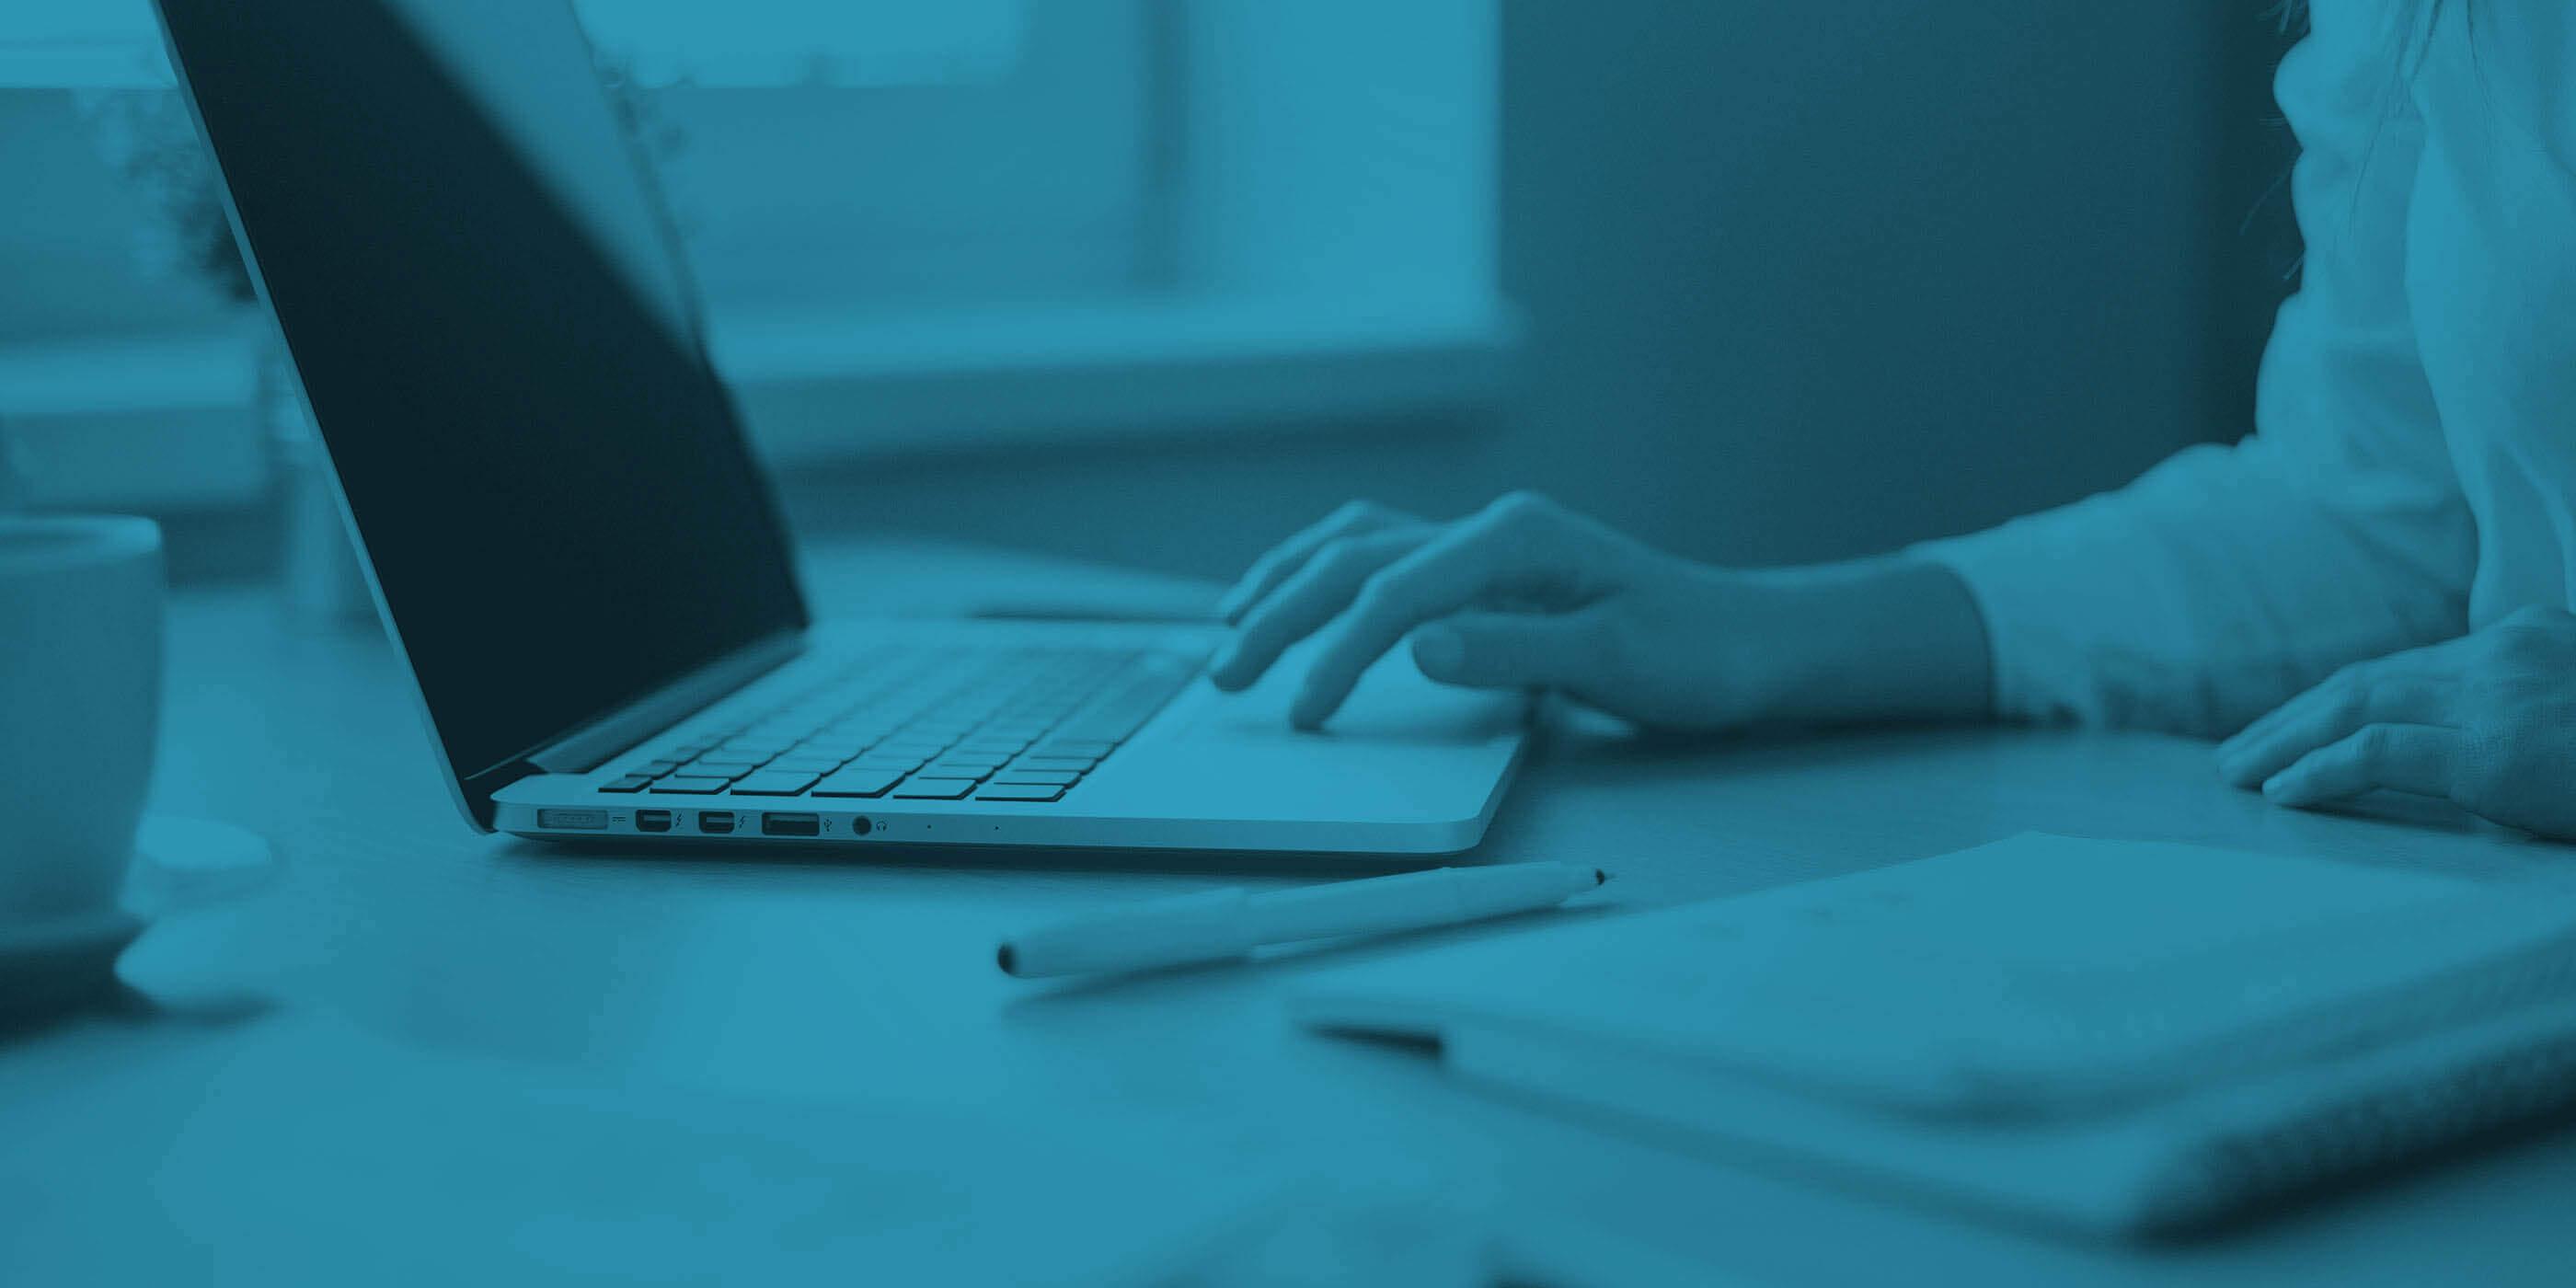 Veelgestelde vragen over de cyberverzekering